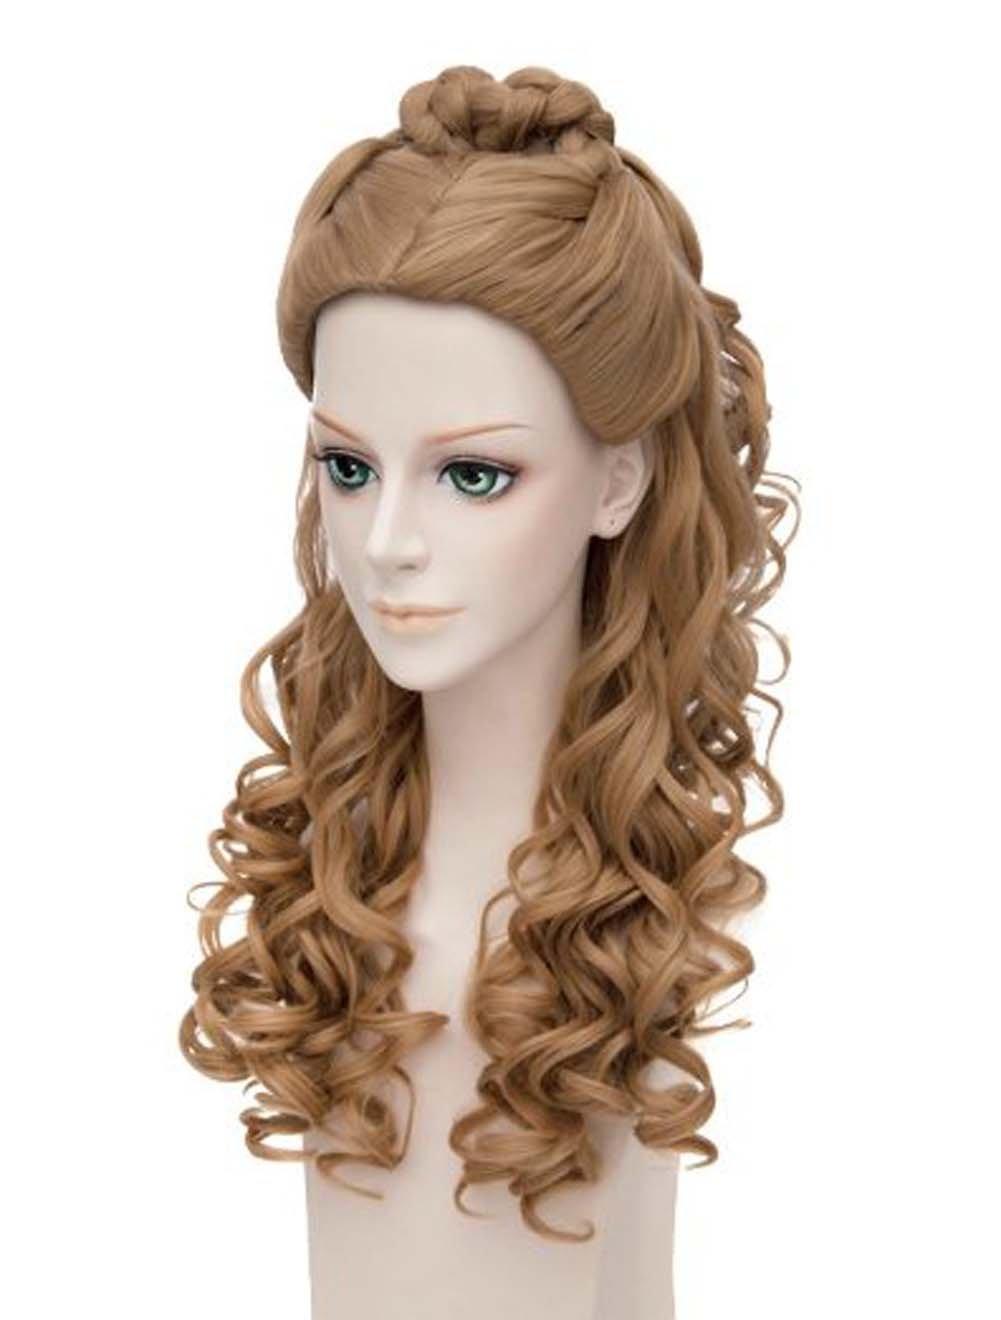 Etruke Anime largo marrón Cenicienta Live Action Movie rizado cosplay peluca: Amazon.es: Belleza